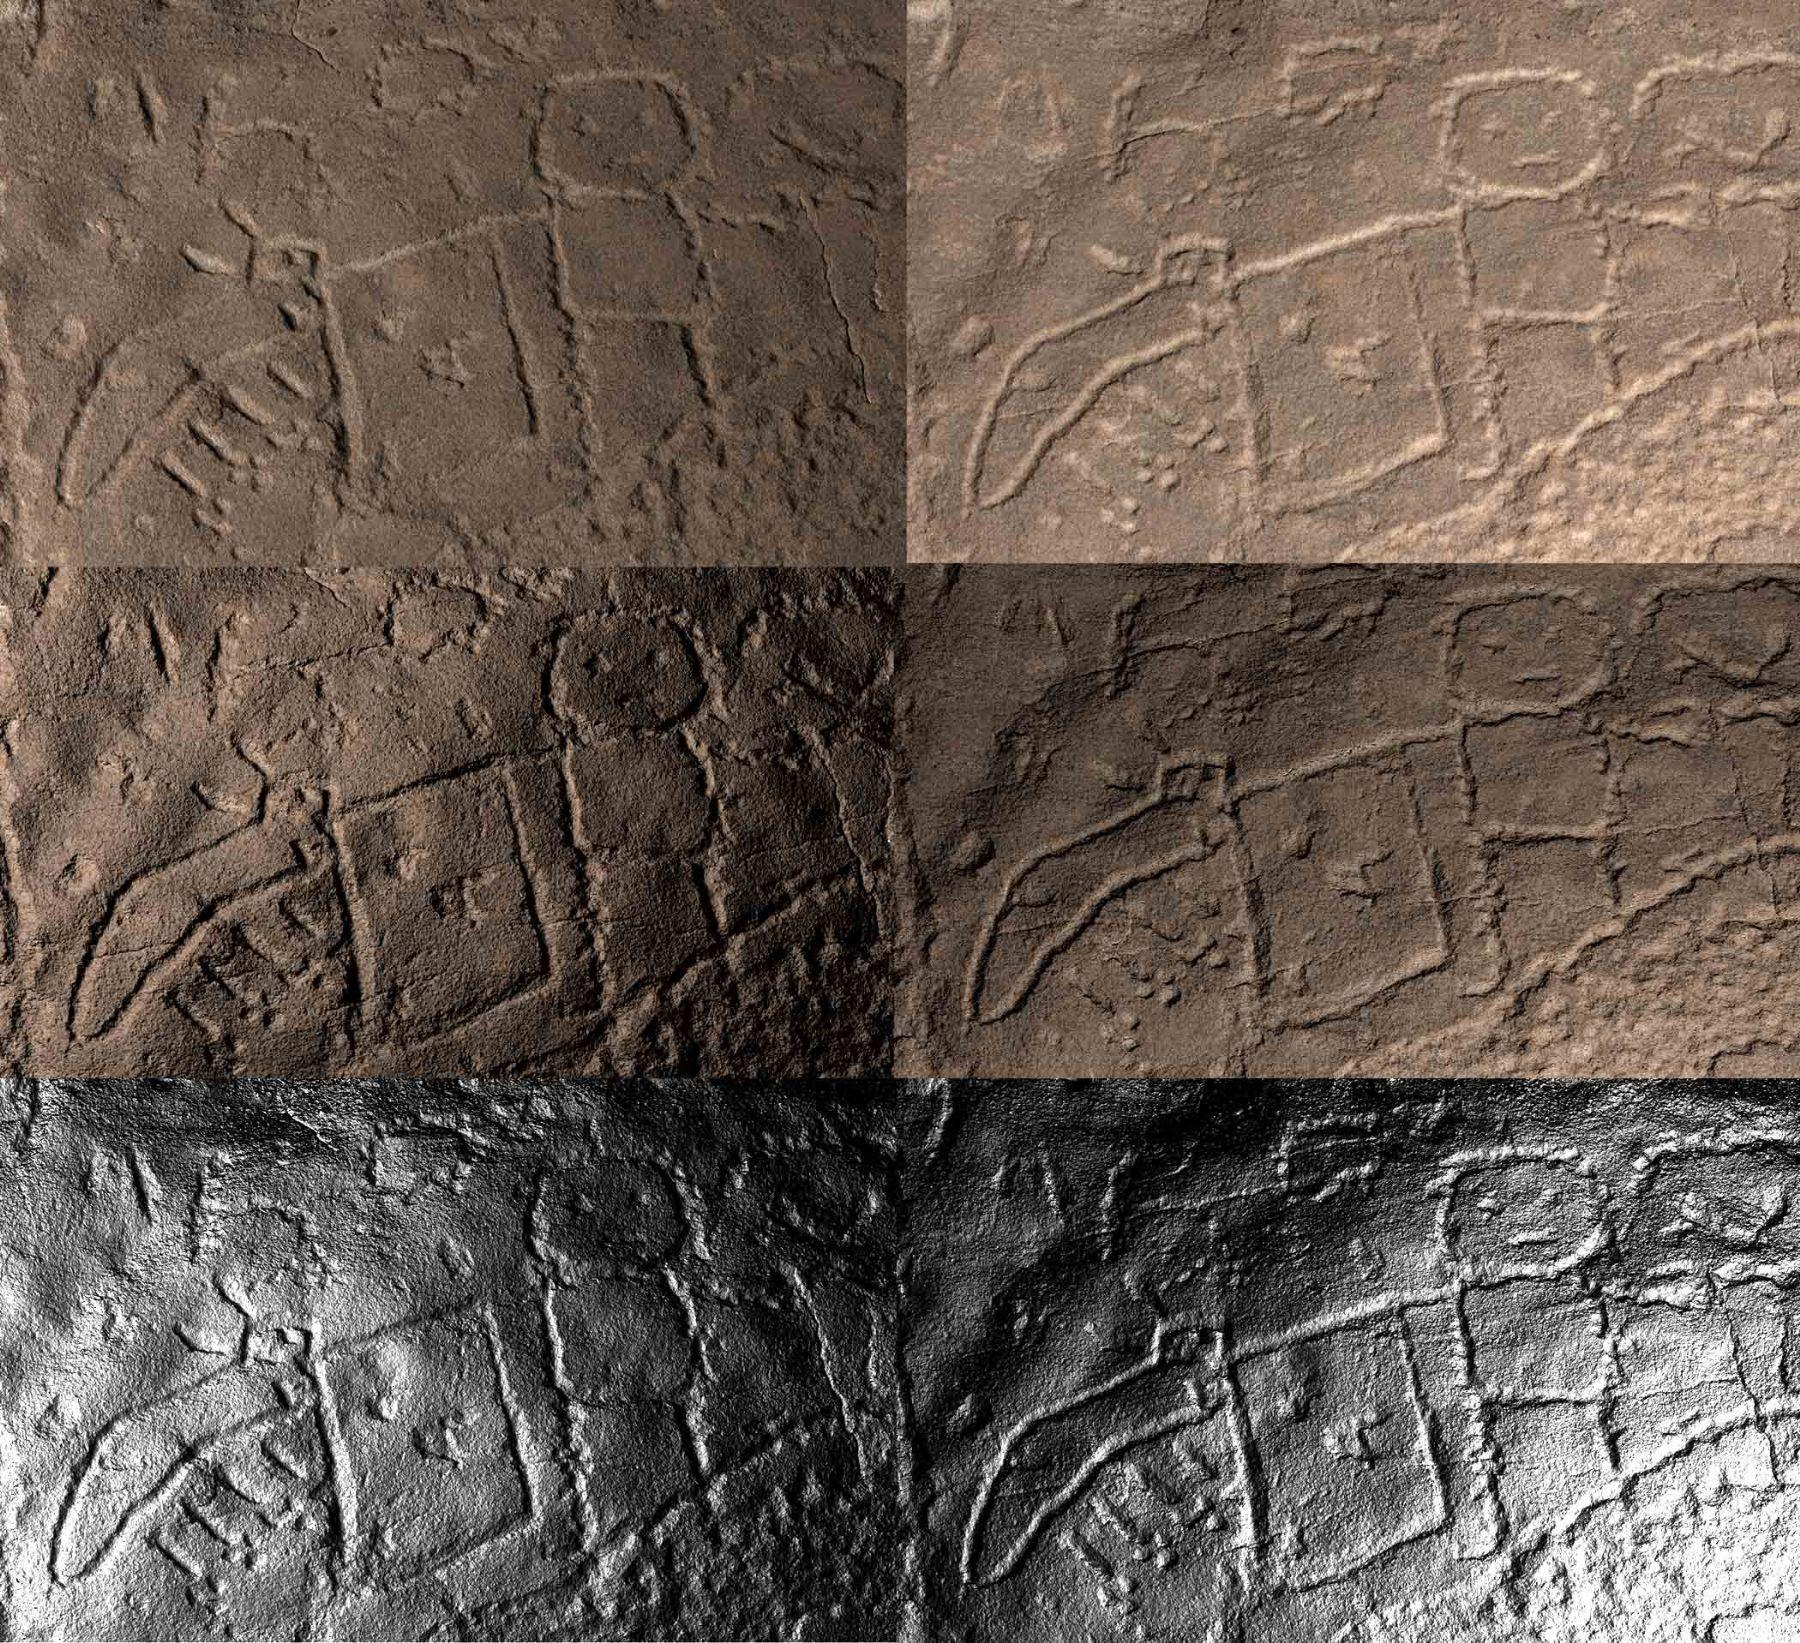 Petroglifos estudiados en Nasca. Foto: ANDINA/Cortesía.